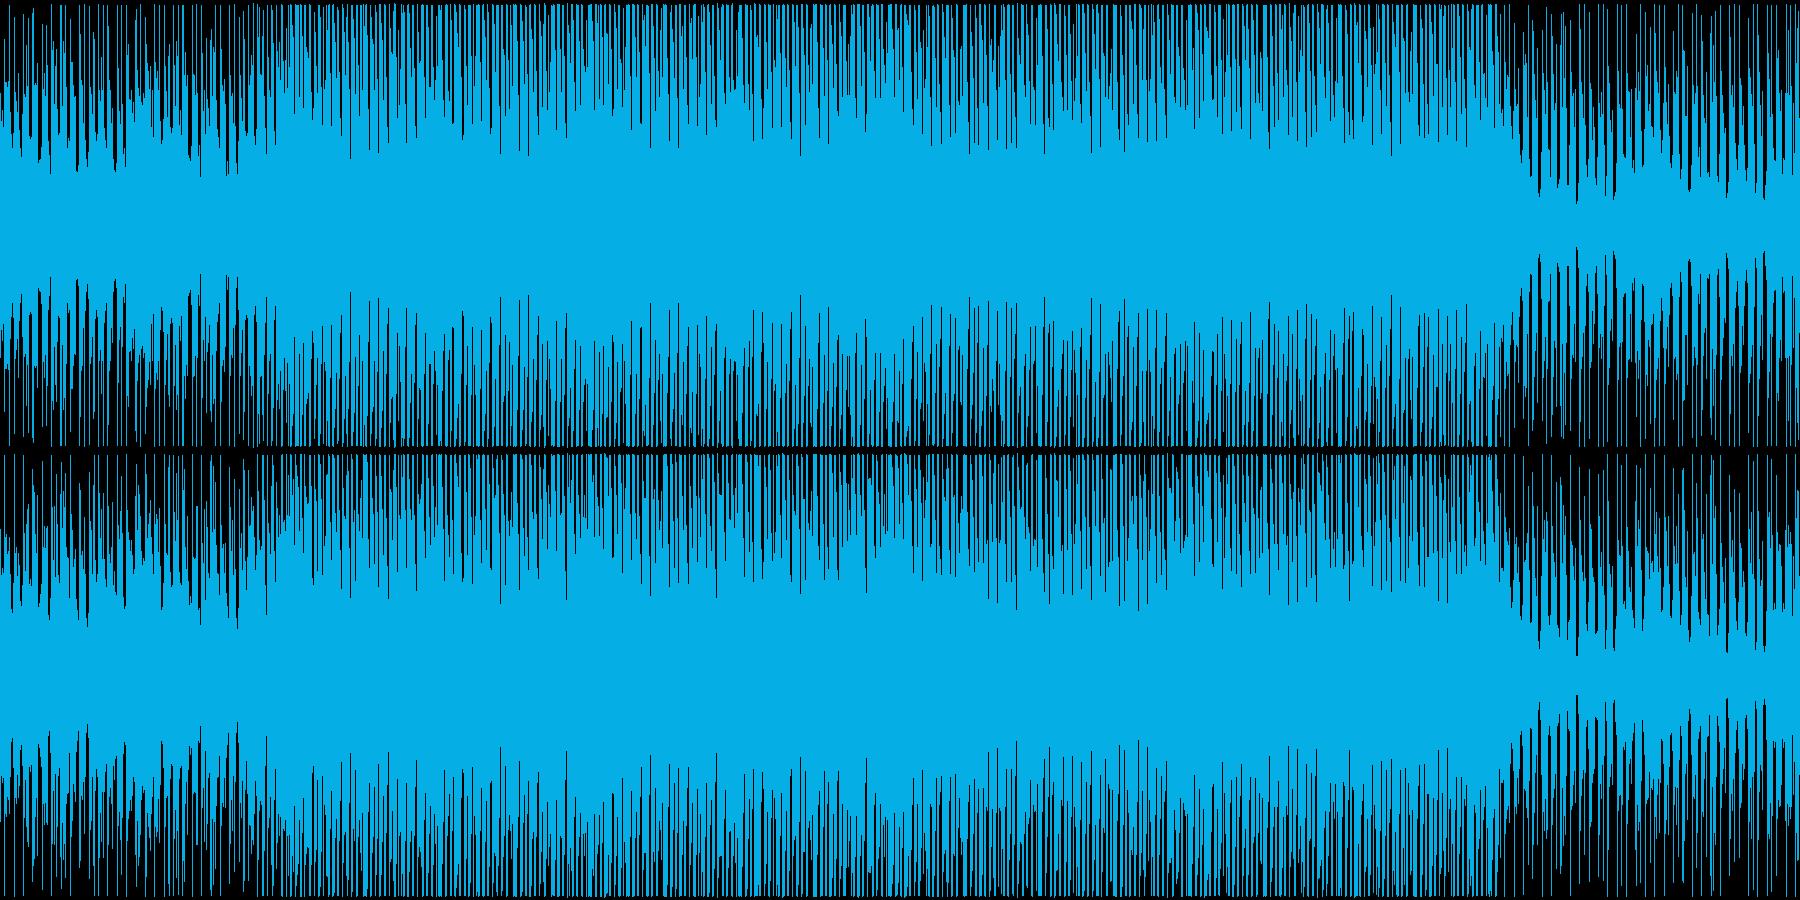 疾走感のあるシリアスなハウスループの再生済みの波形